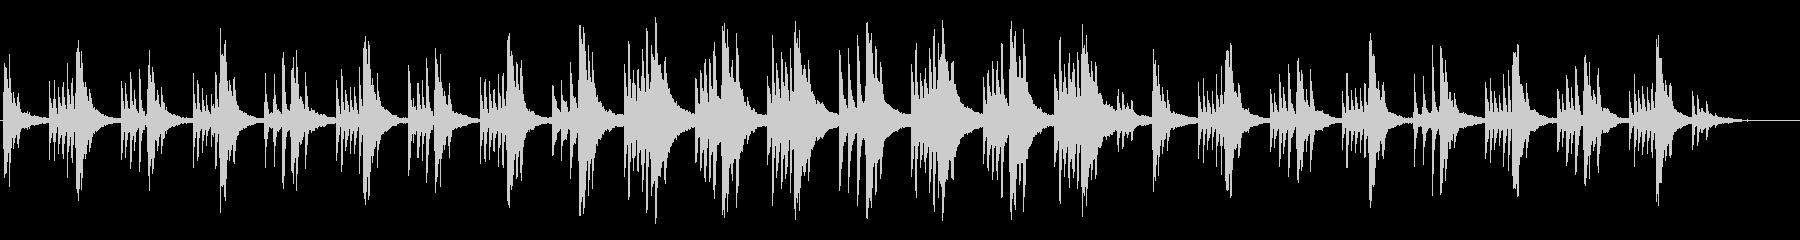 ジブリ風メロディーの幻想的なピアノ曲の未再生の波形